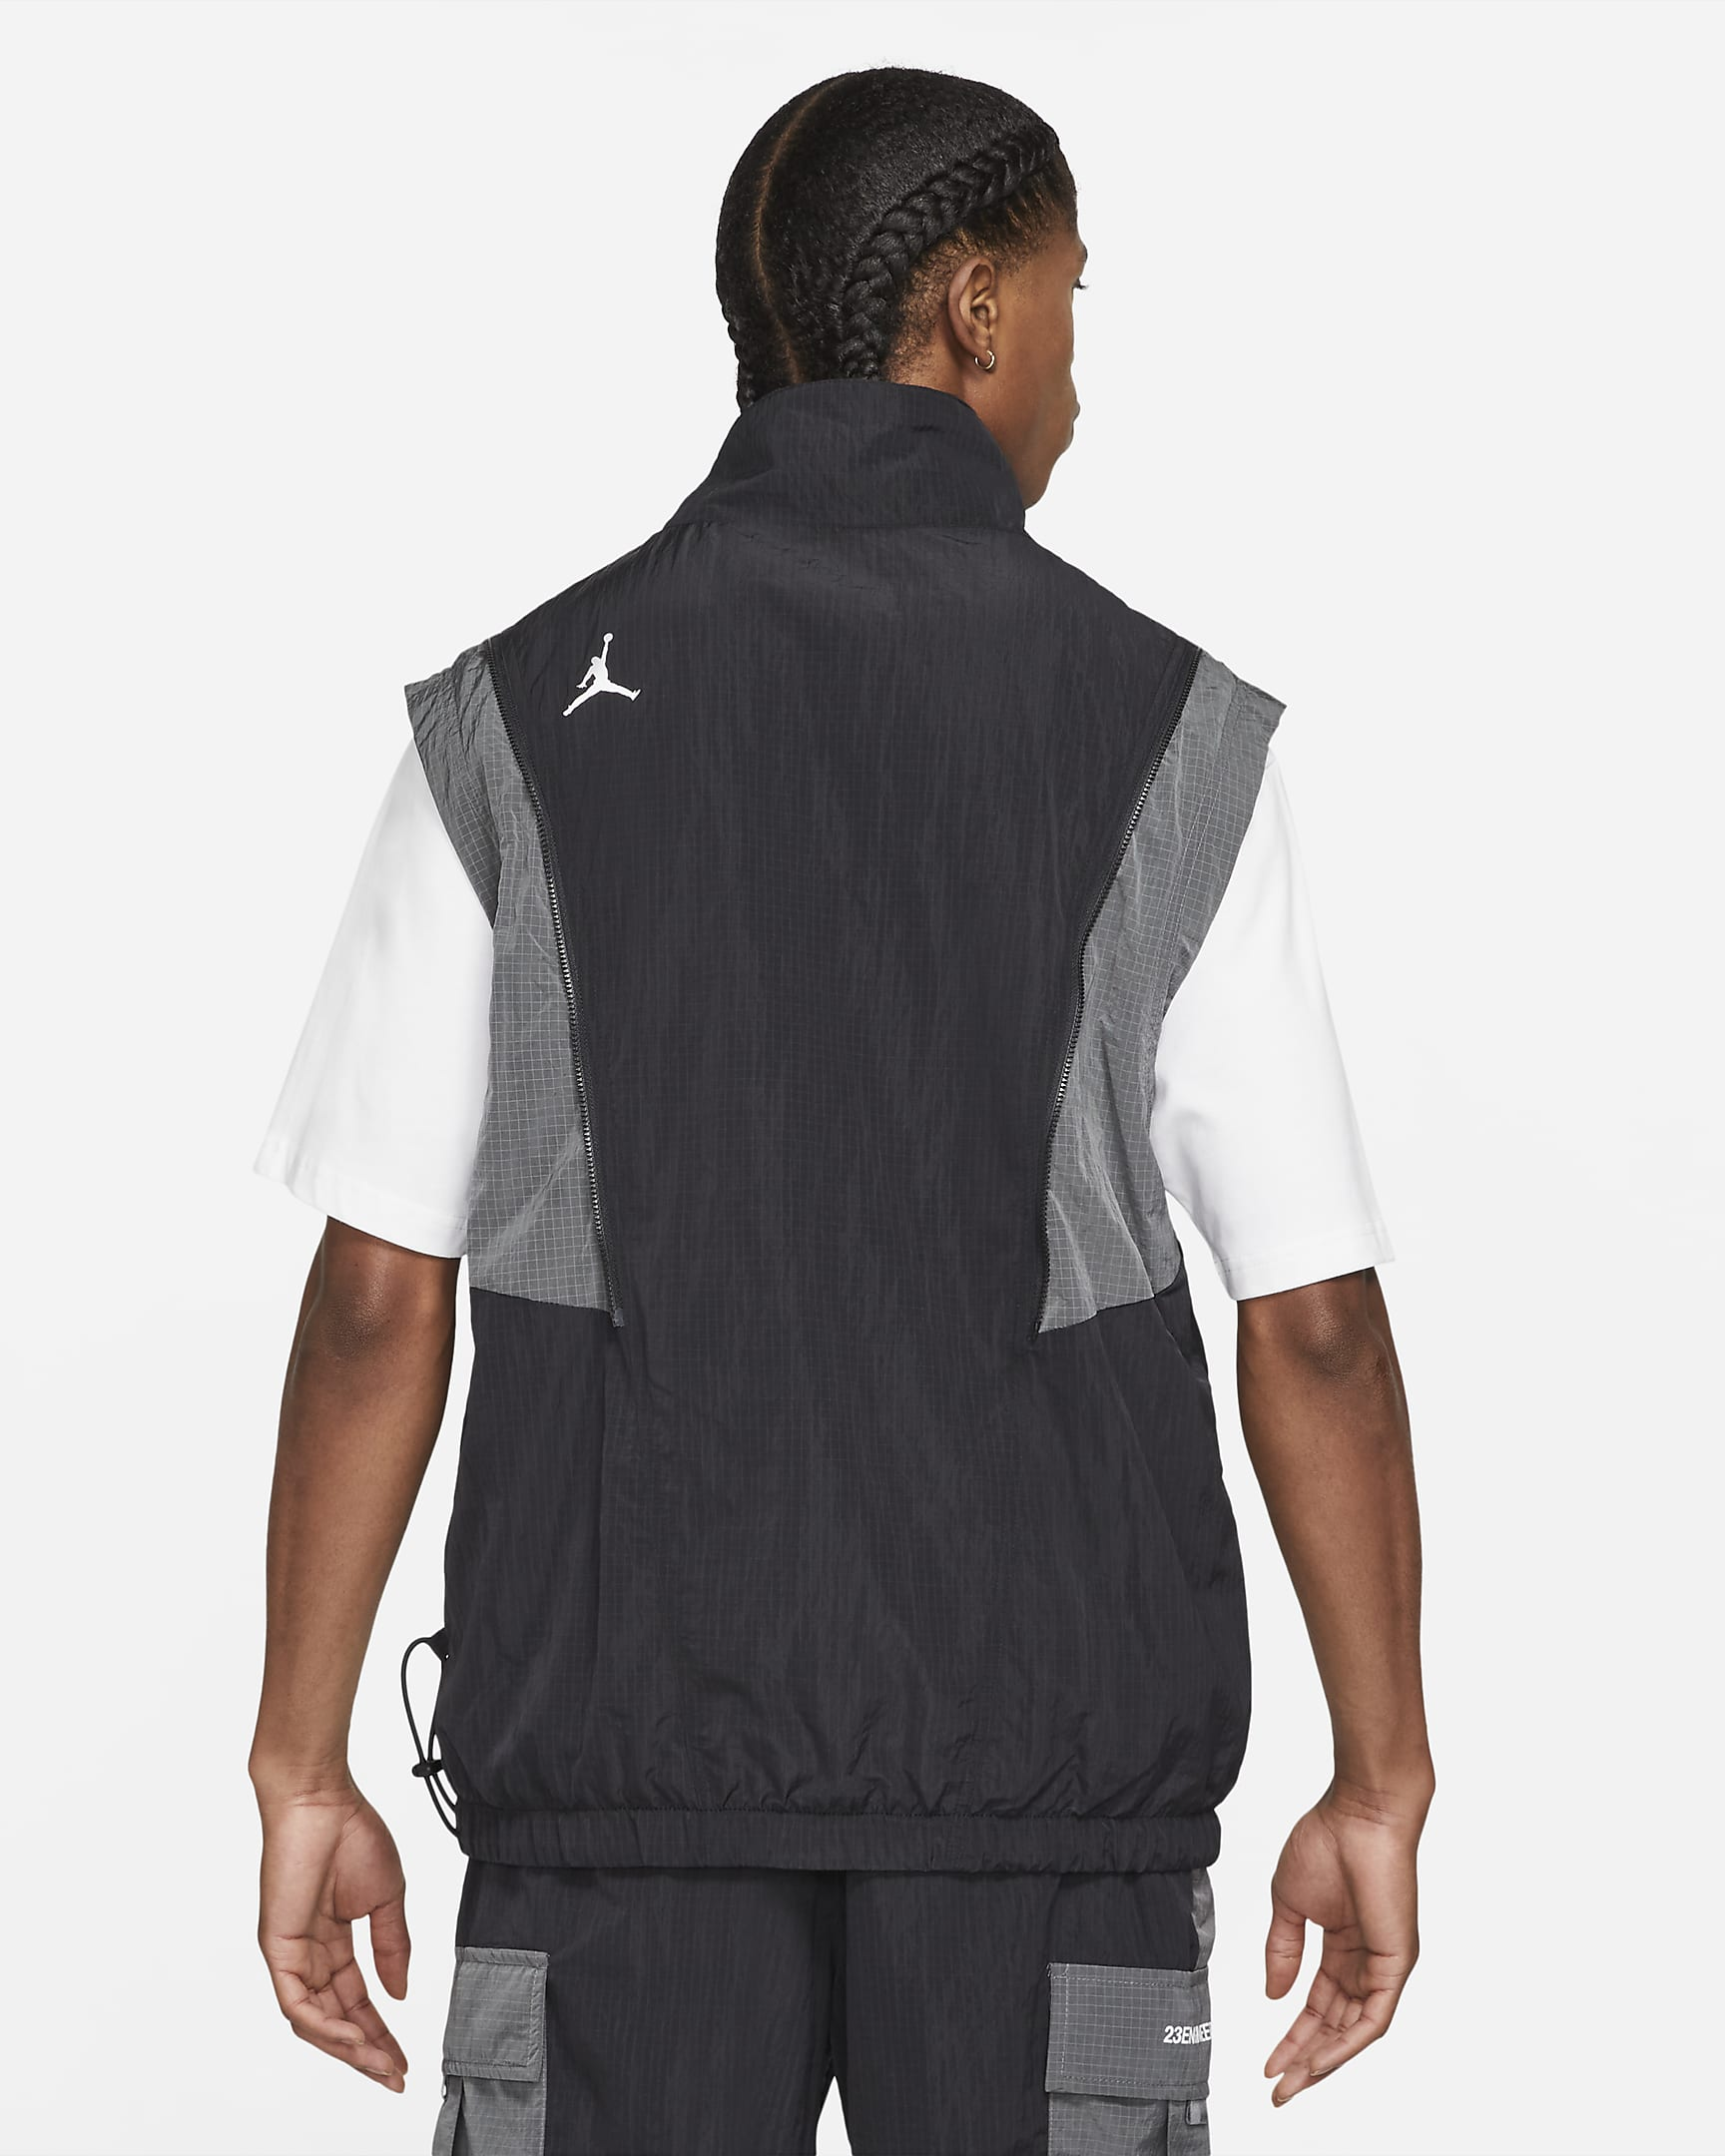 jordan-23-engineered-mens-woven-jacket-SFDMk2-6.png